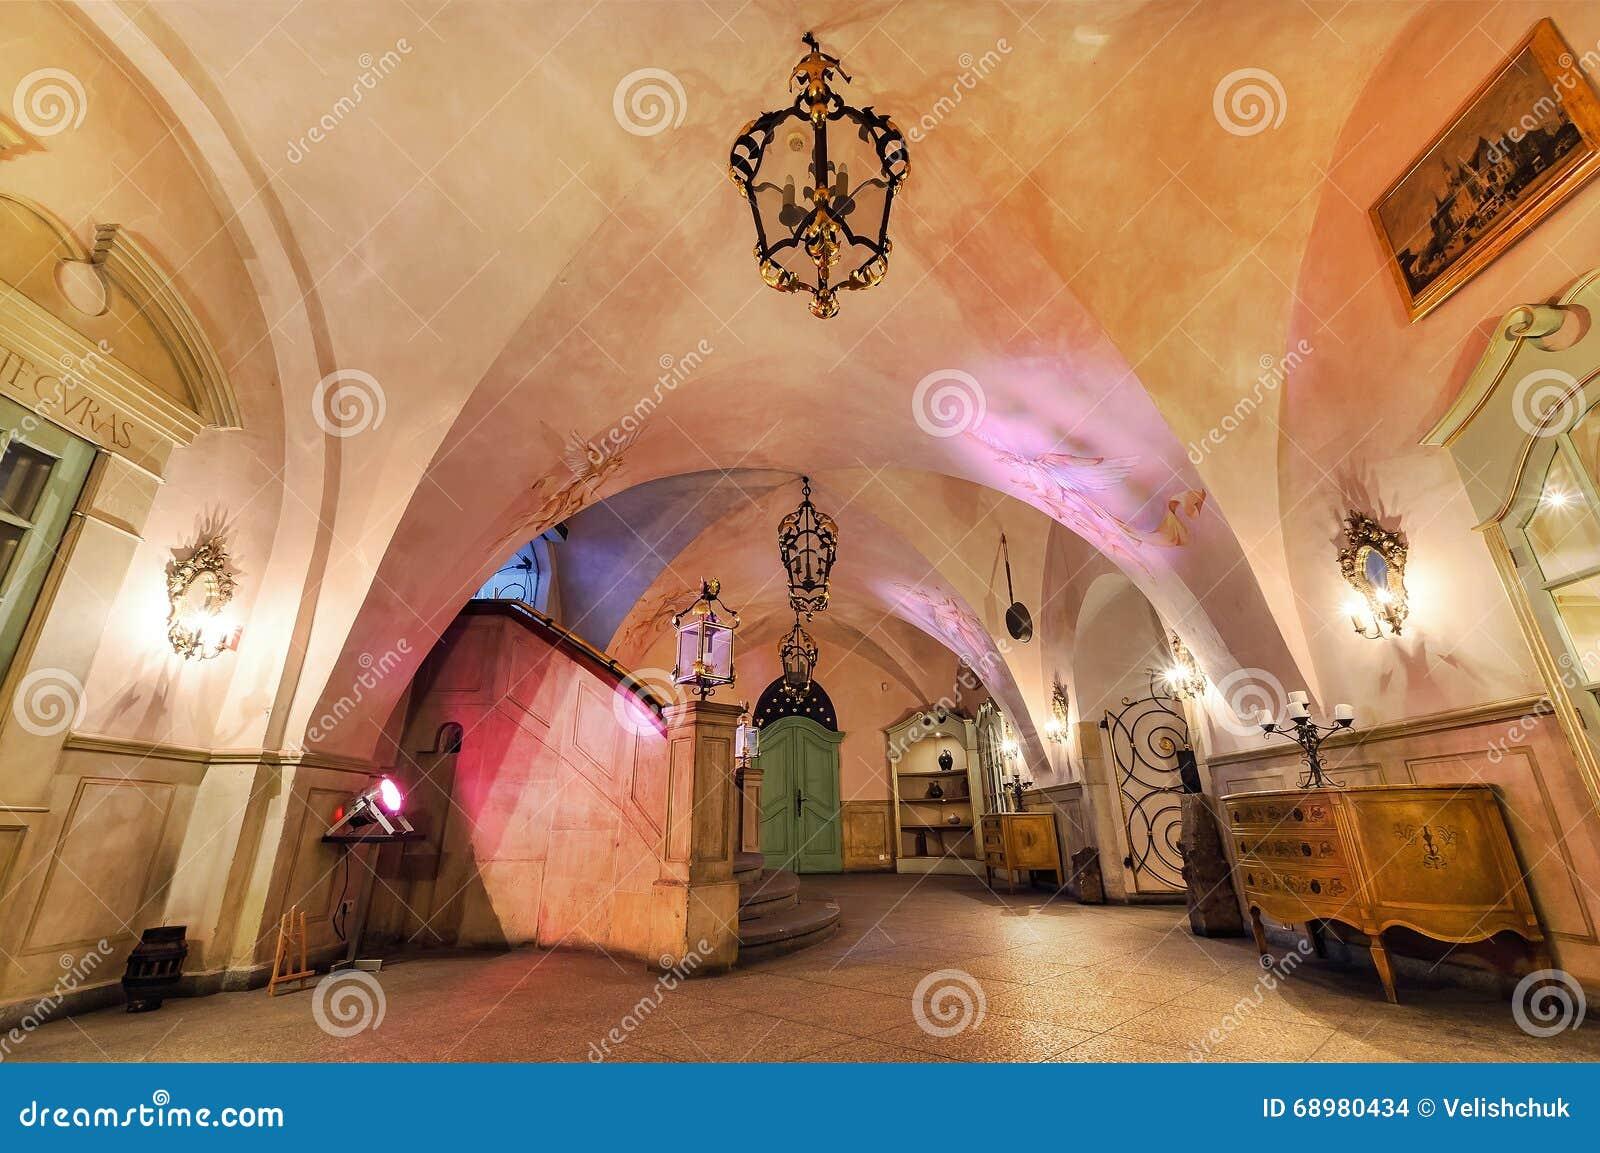 Innenraum von Swidnicka-Keller - das Herz von Breslau